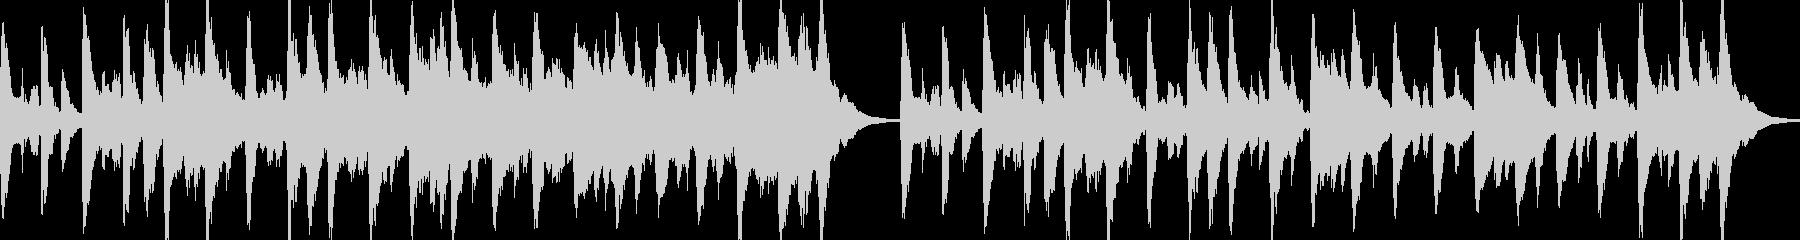 ピチカートチェロは、きらめくストリ...の未再生の波形